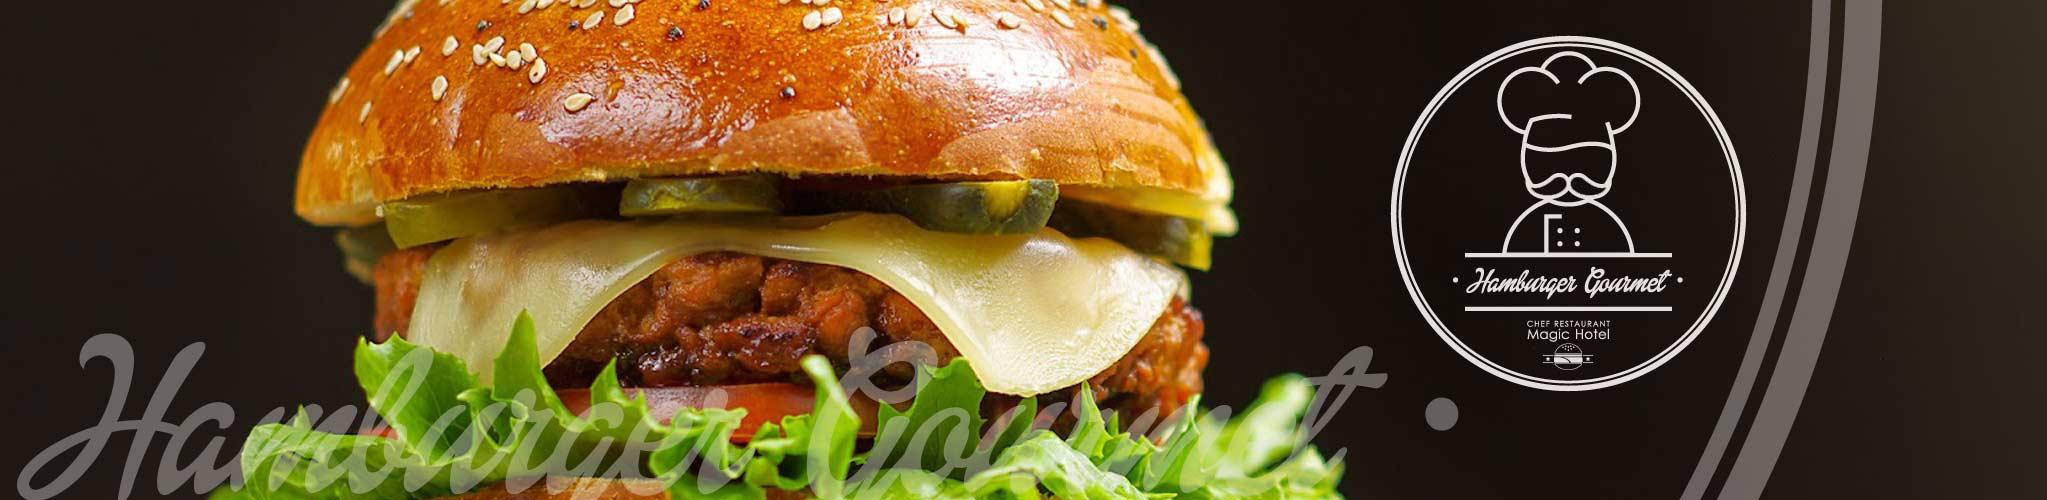 Hamburger Gourmet, panini e sfizioserie da asporto